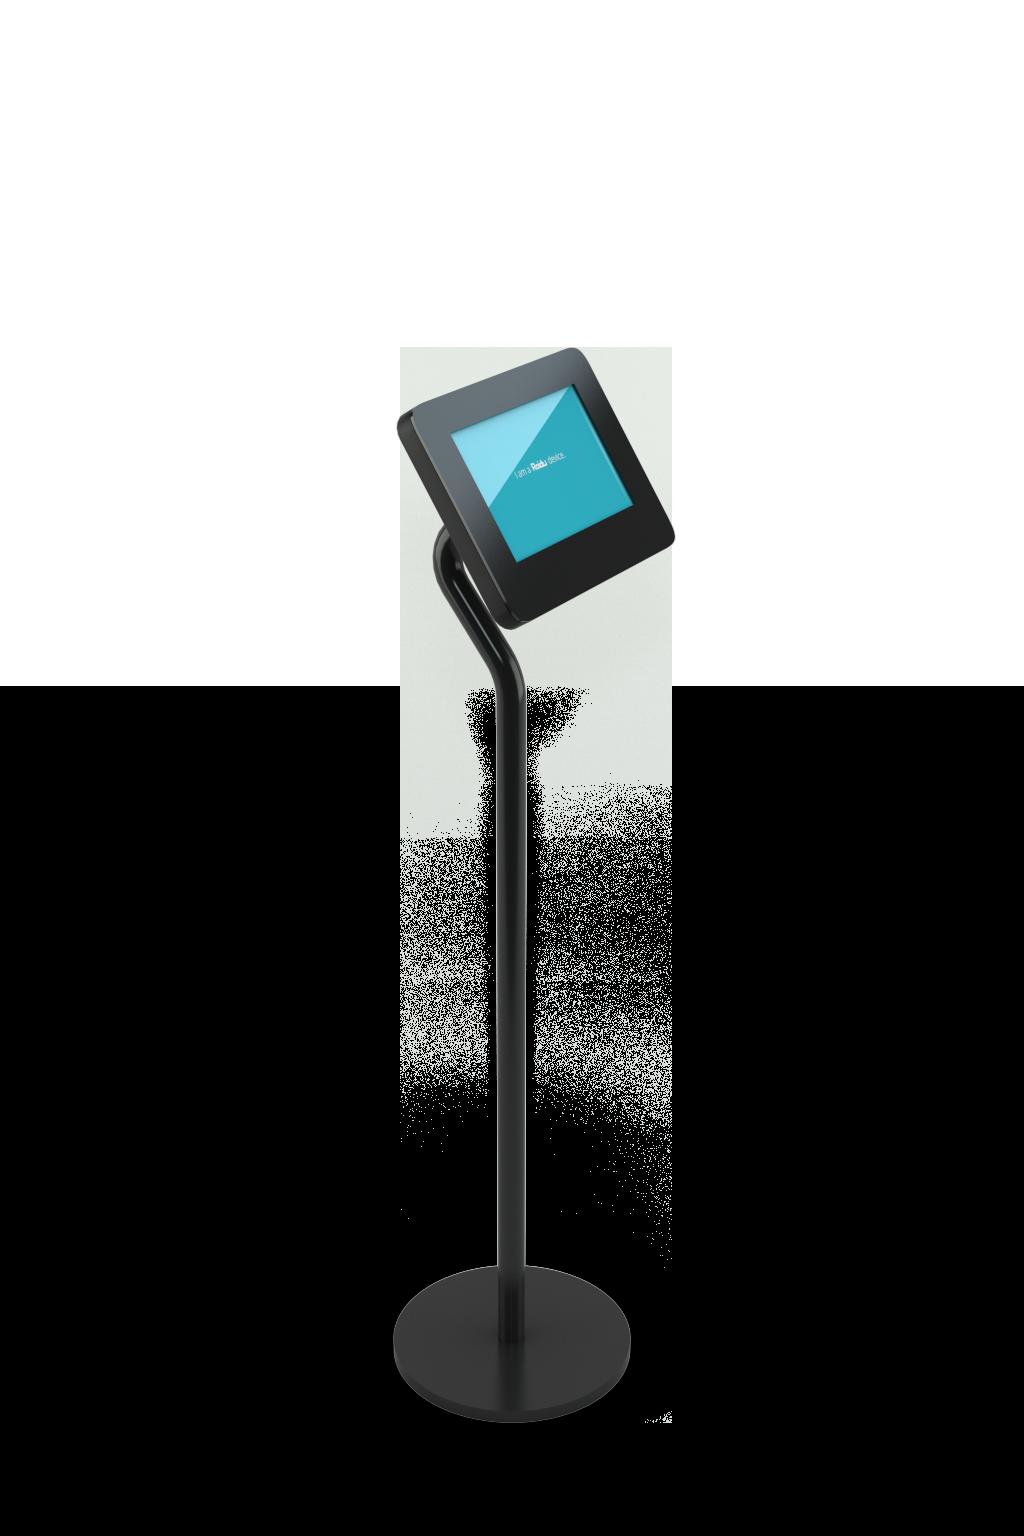 tablet-telinelaitteiden vuokraus, tablet-telineiden myynt, asiakaskokemus, customer experiencei